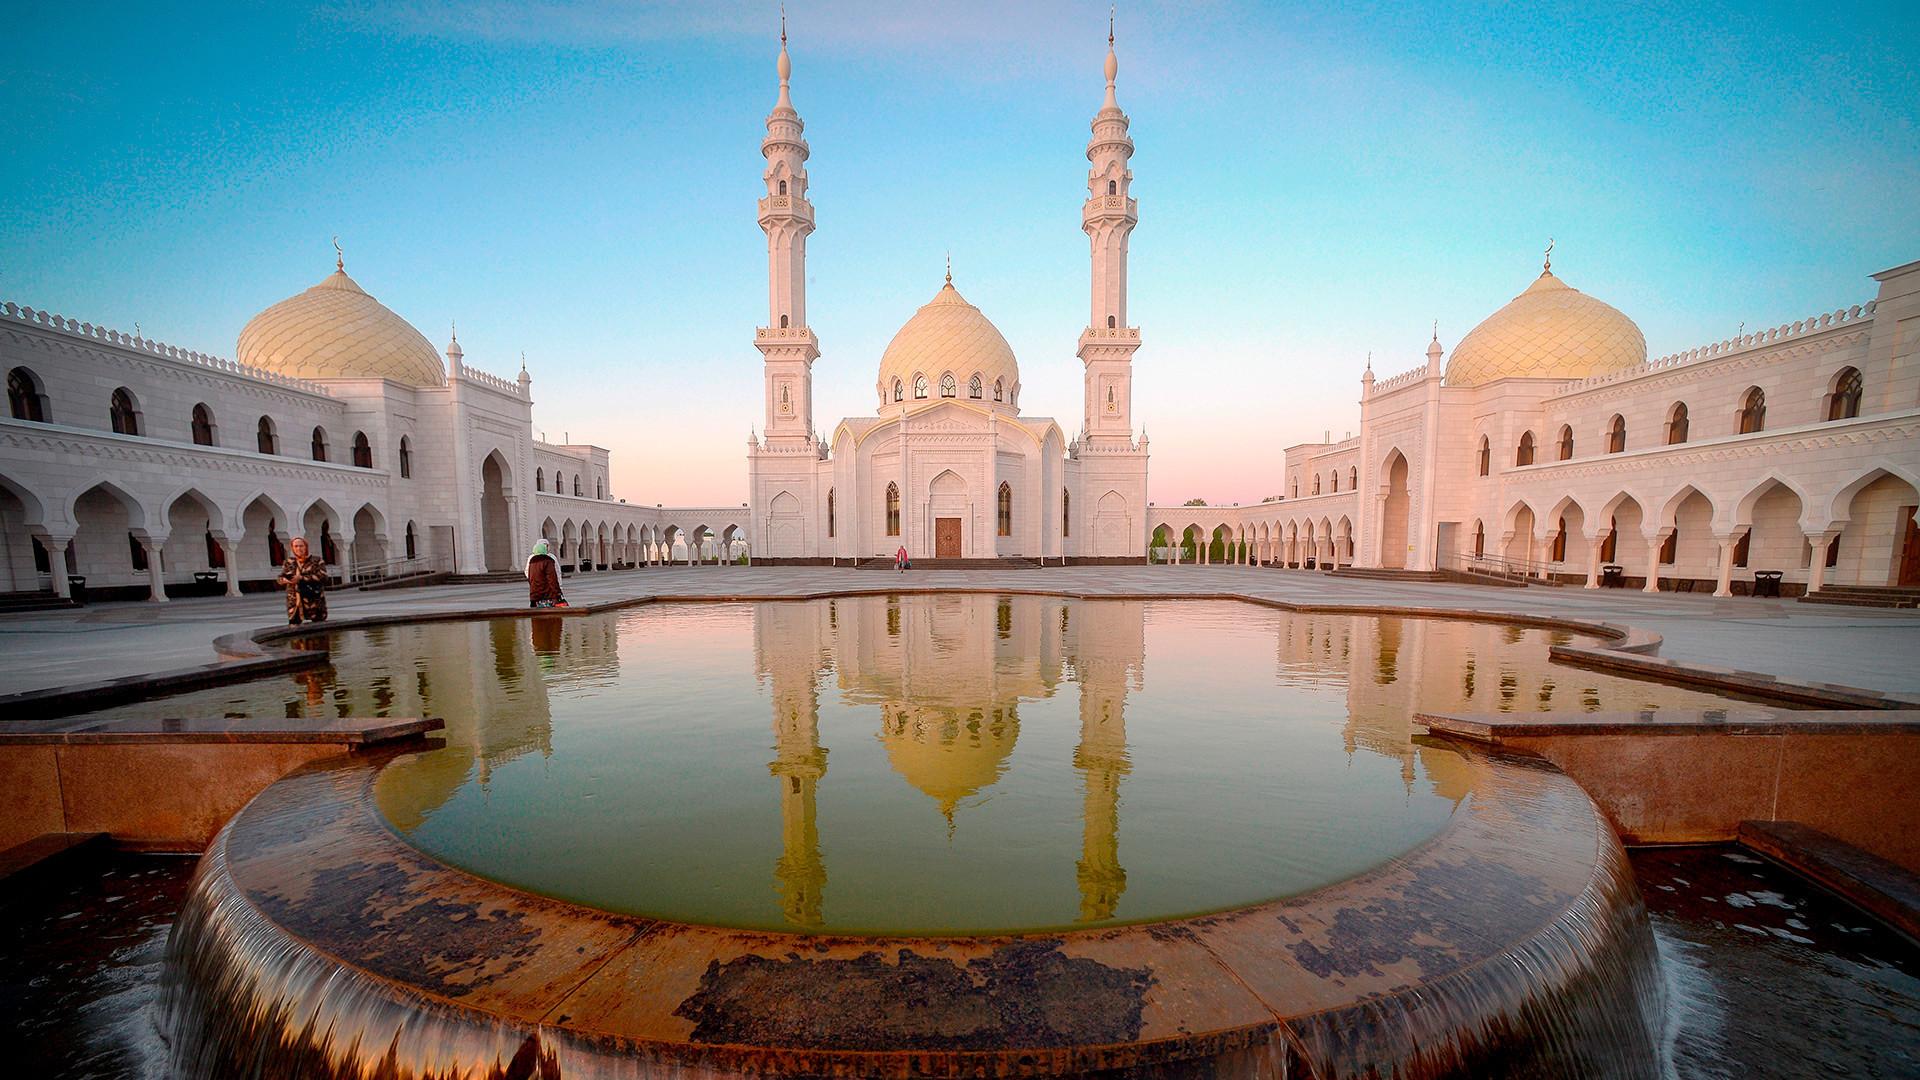 Džamija Ak Džami v mestu Bolgar ob prazniku Izge Bolgar Žjeni, ki je posvečen dnevu sprejema islama v Volški Bolgariji